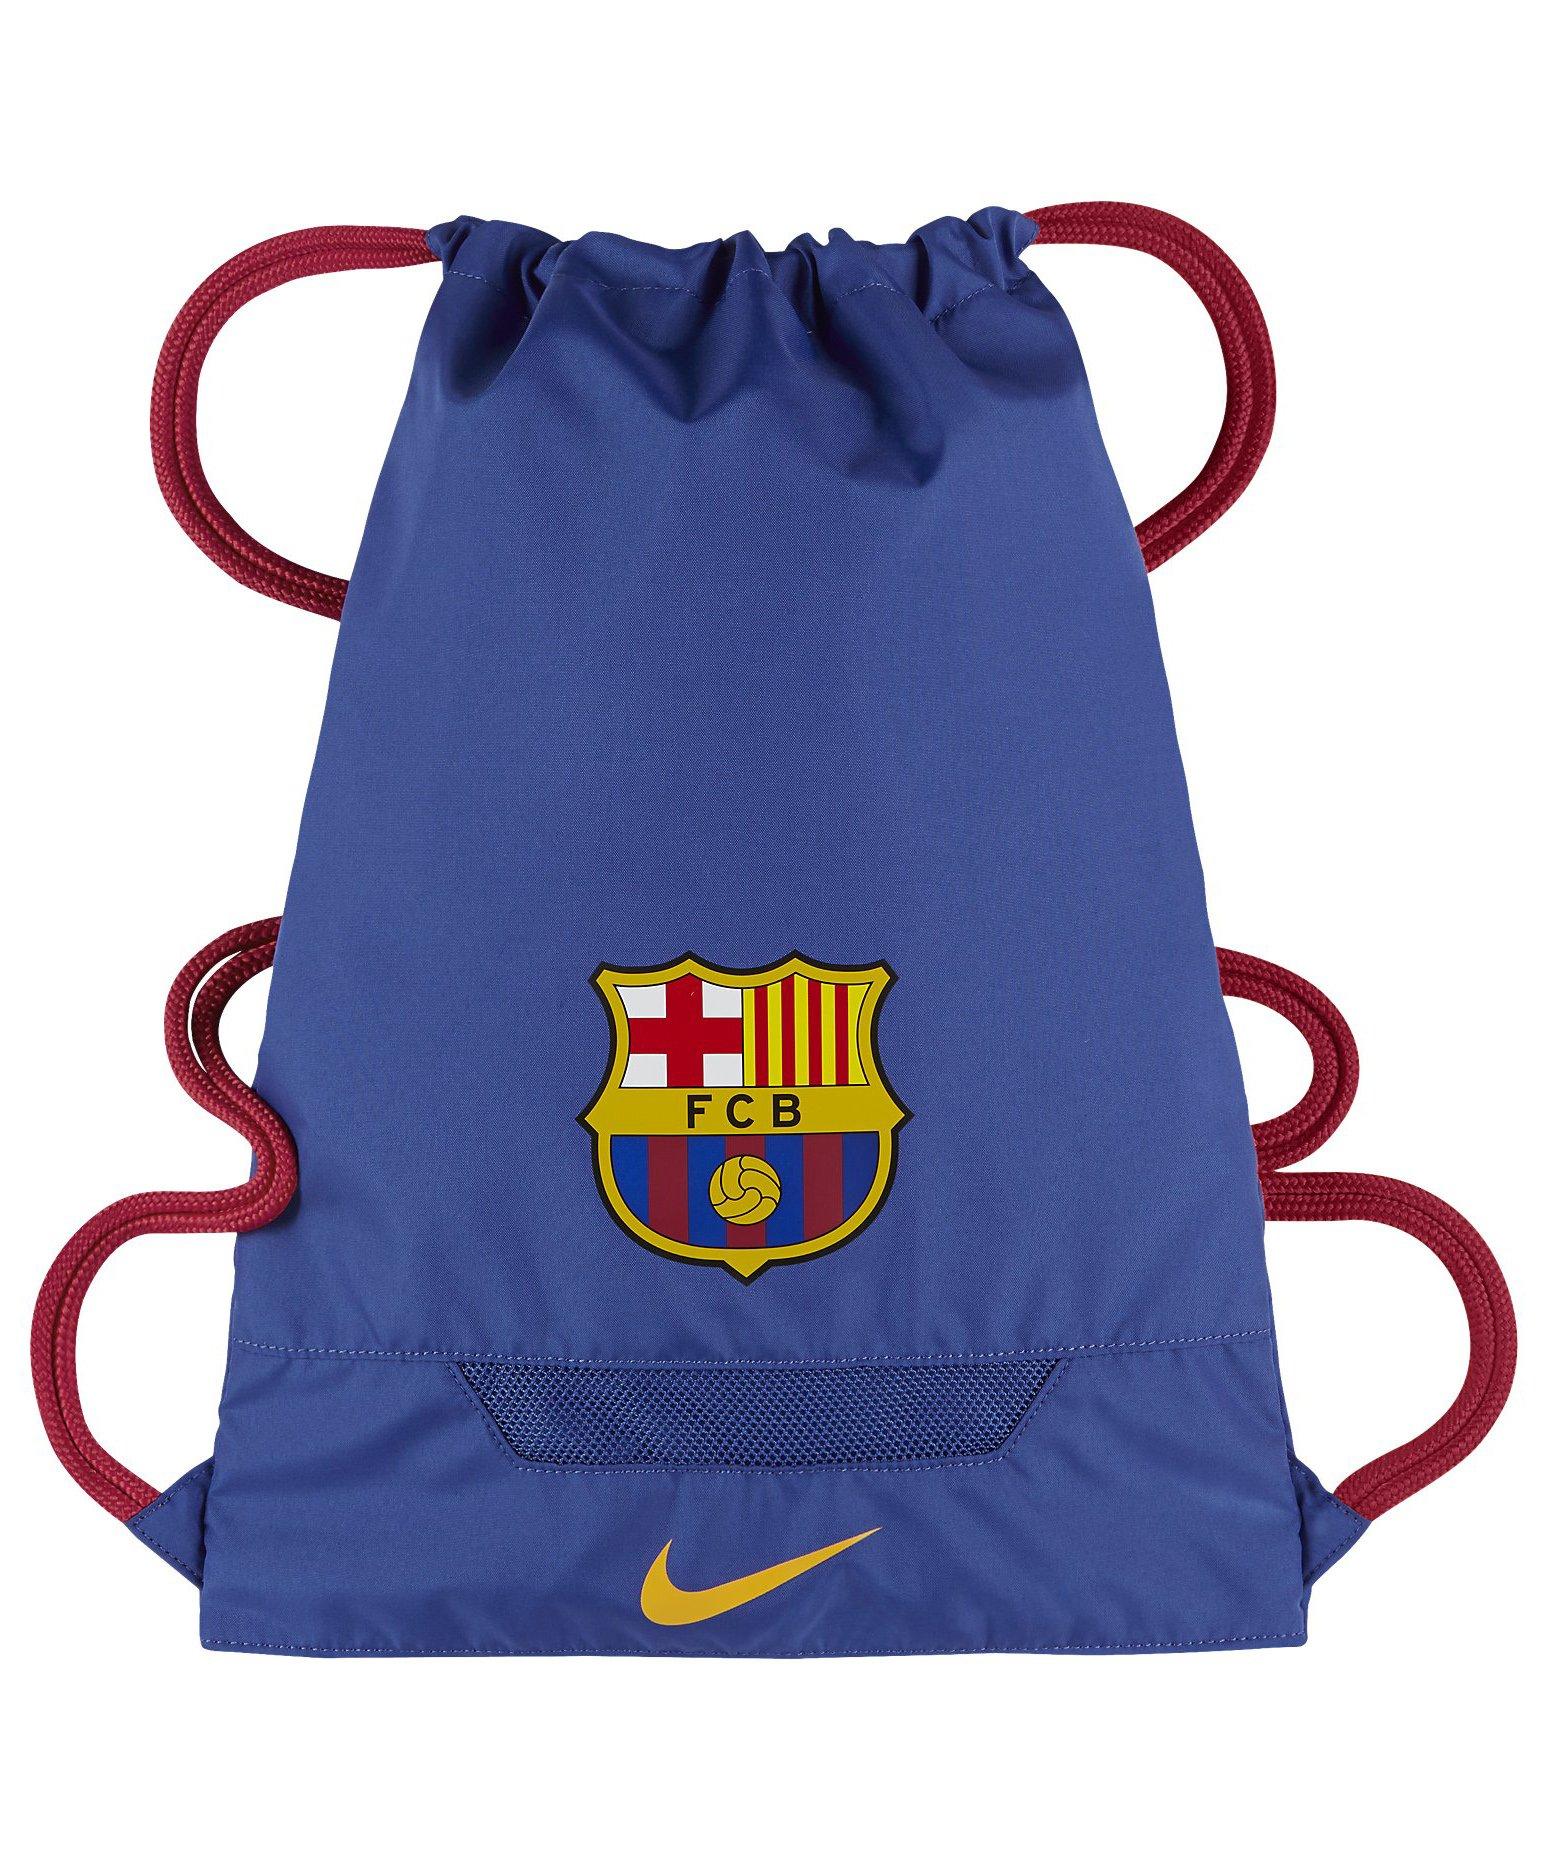 Vak Nike Allegiance Barcelona Gymsack